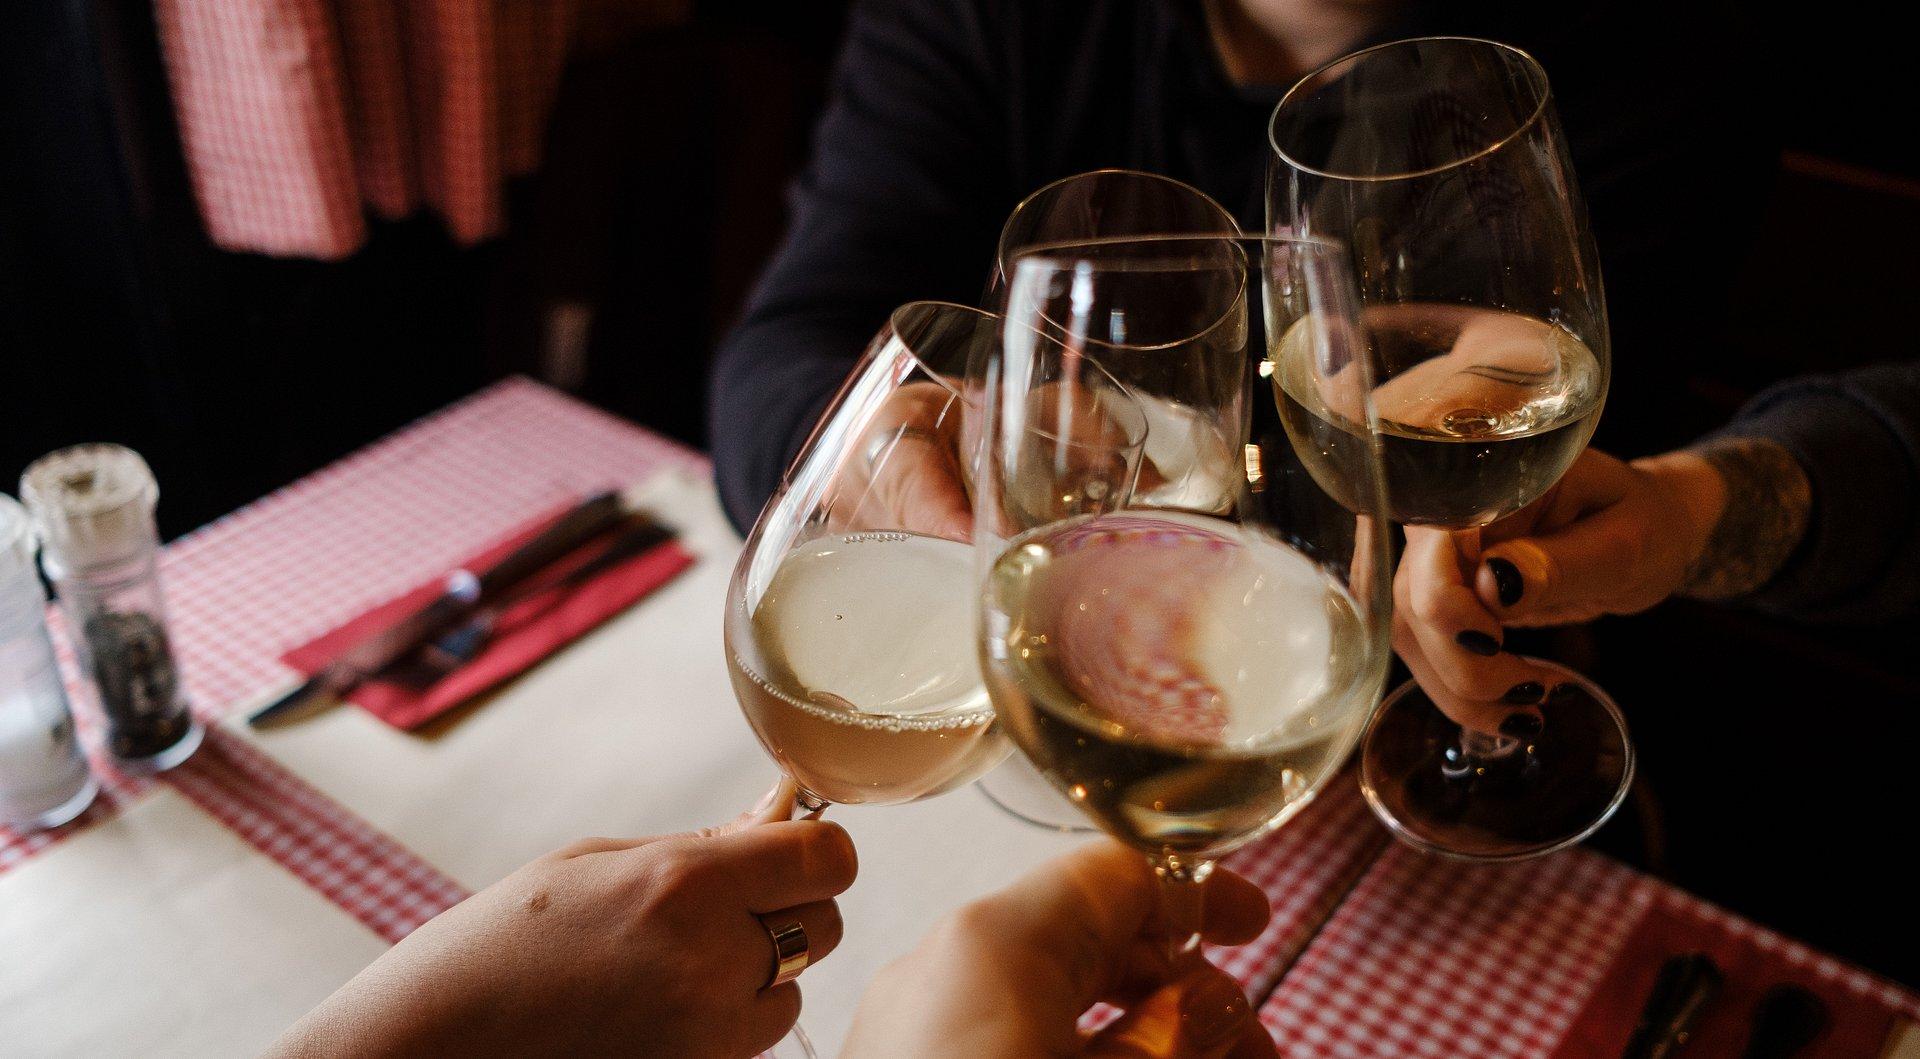 Imieniny Ani, czyli Polak okazję do picia znajdzie zawsze